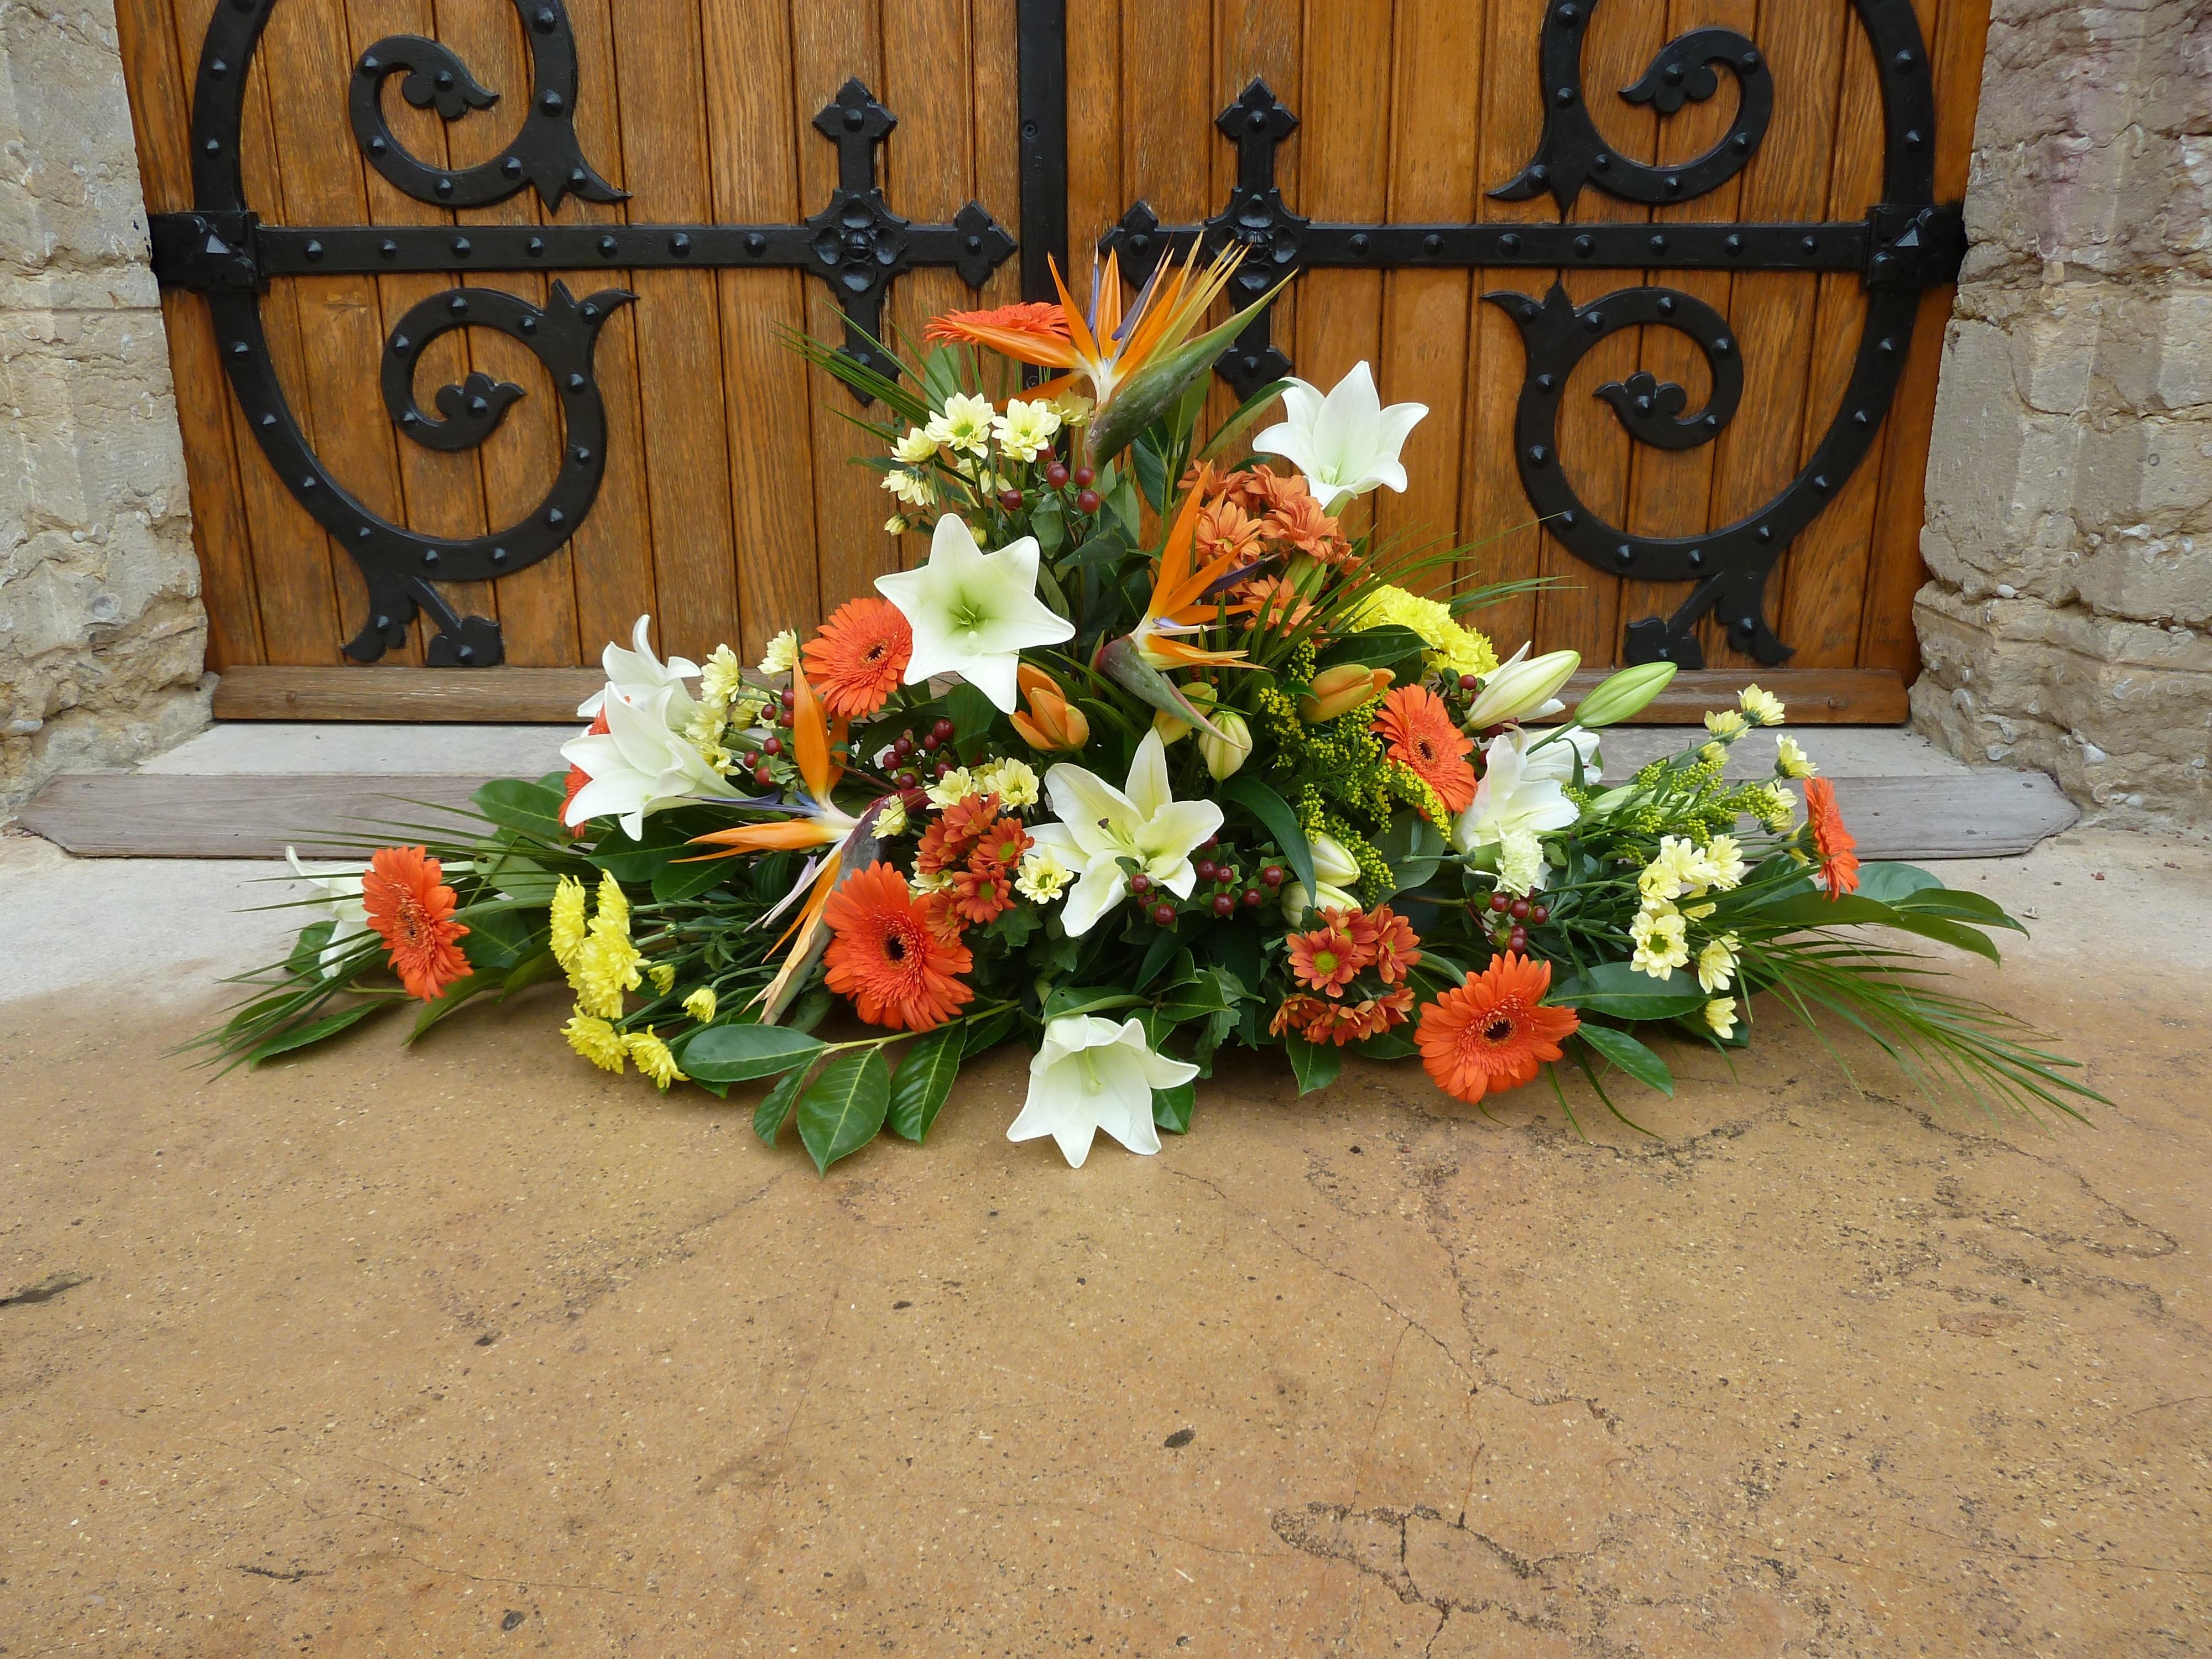 Fleurs devant de tombe composition fleurs enterrement for Ferme la fenetre